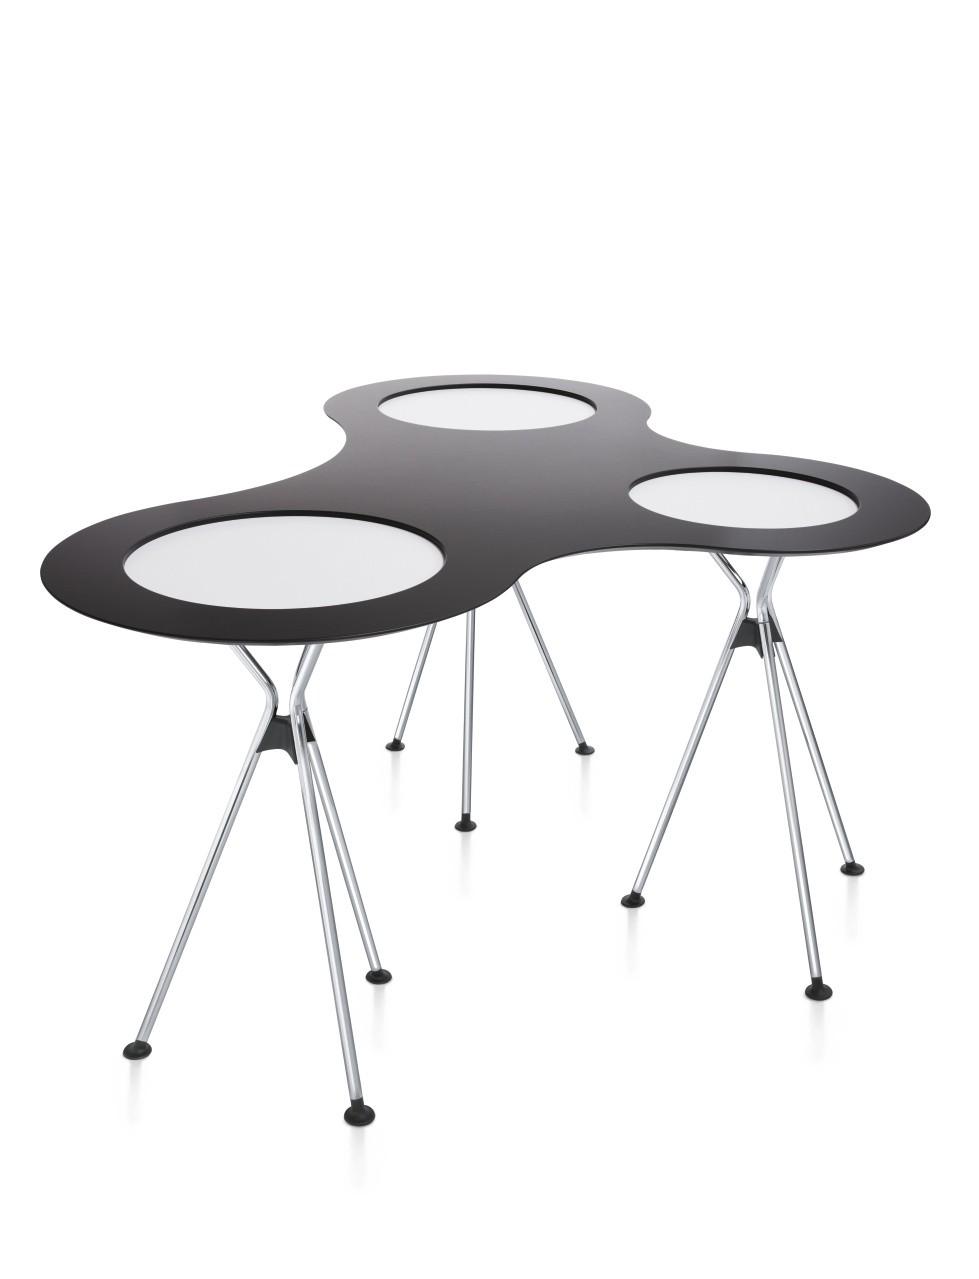 Sedus Verbindungsplatte Over Easy in dunkelgrau für 3 Tische